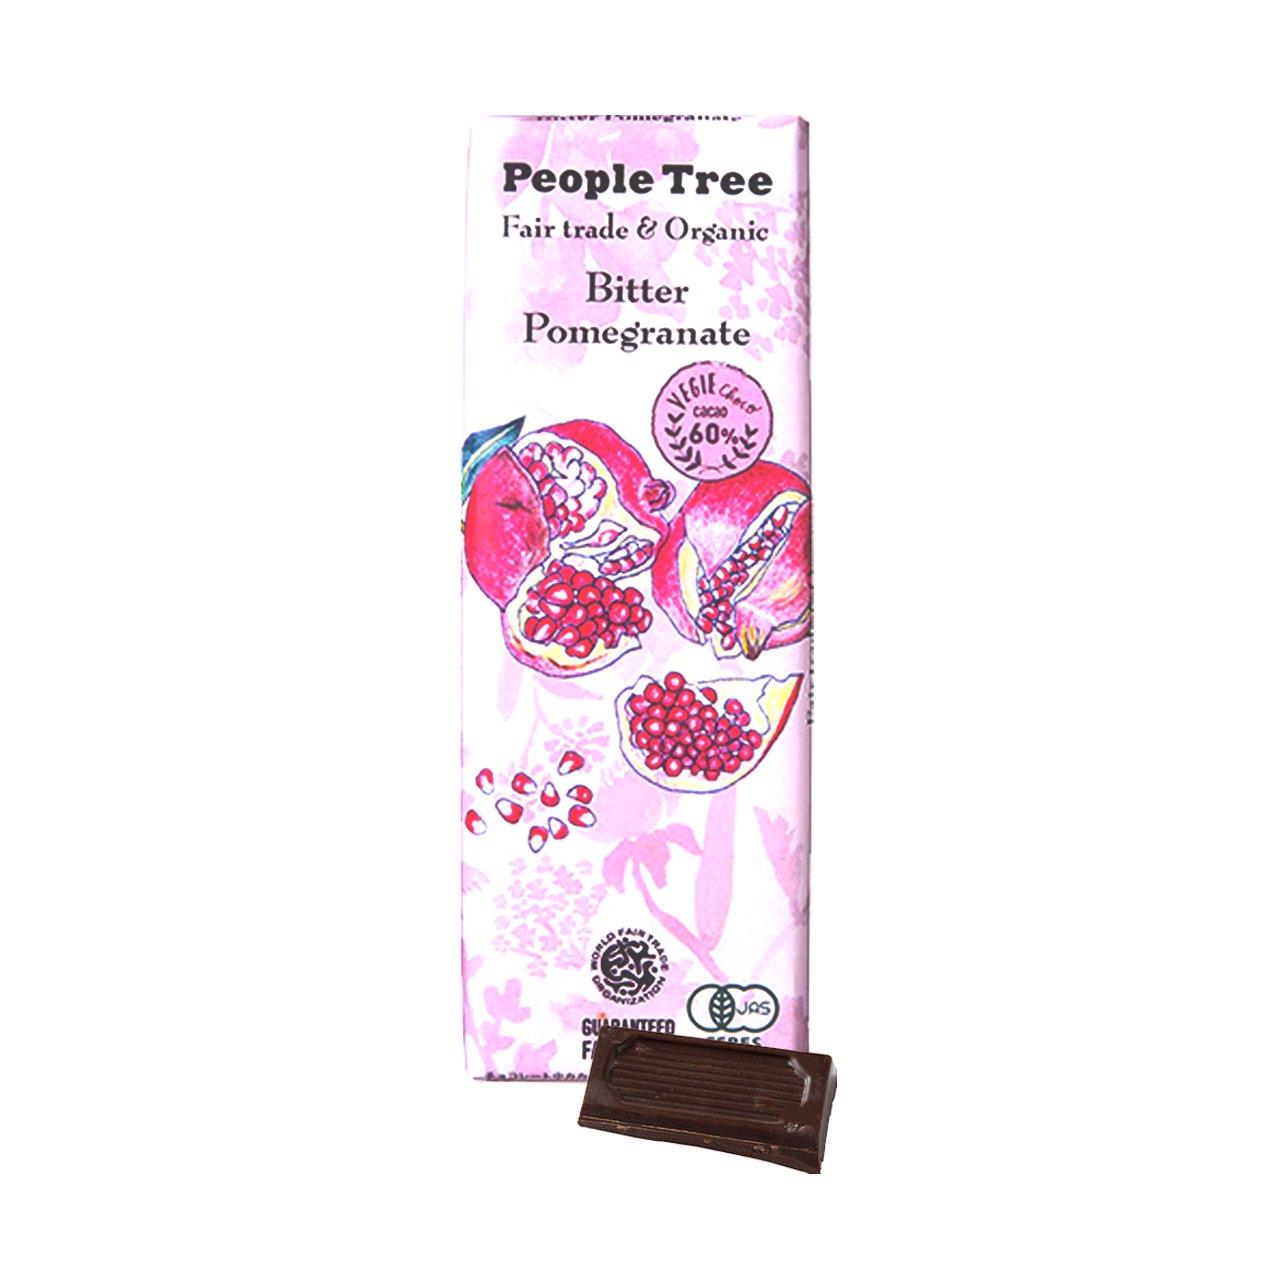 ★30%オフ★【People Tree】フェアトレード・板チョコレート ビター・ザクロ